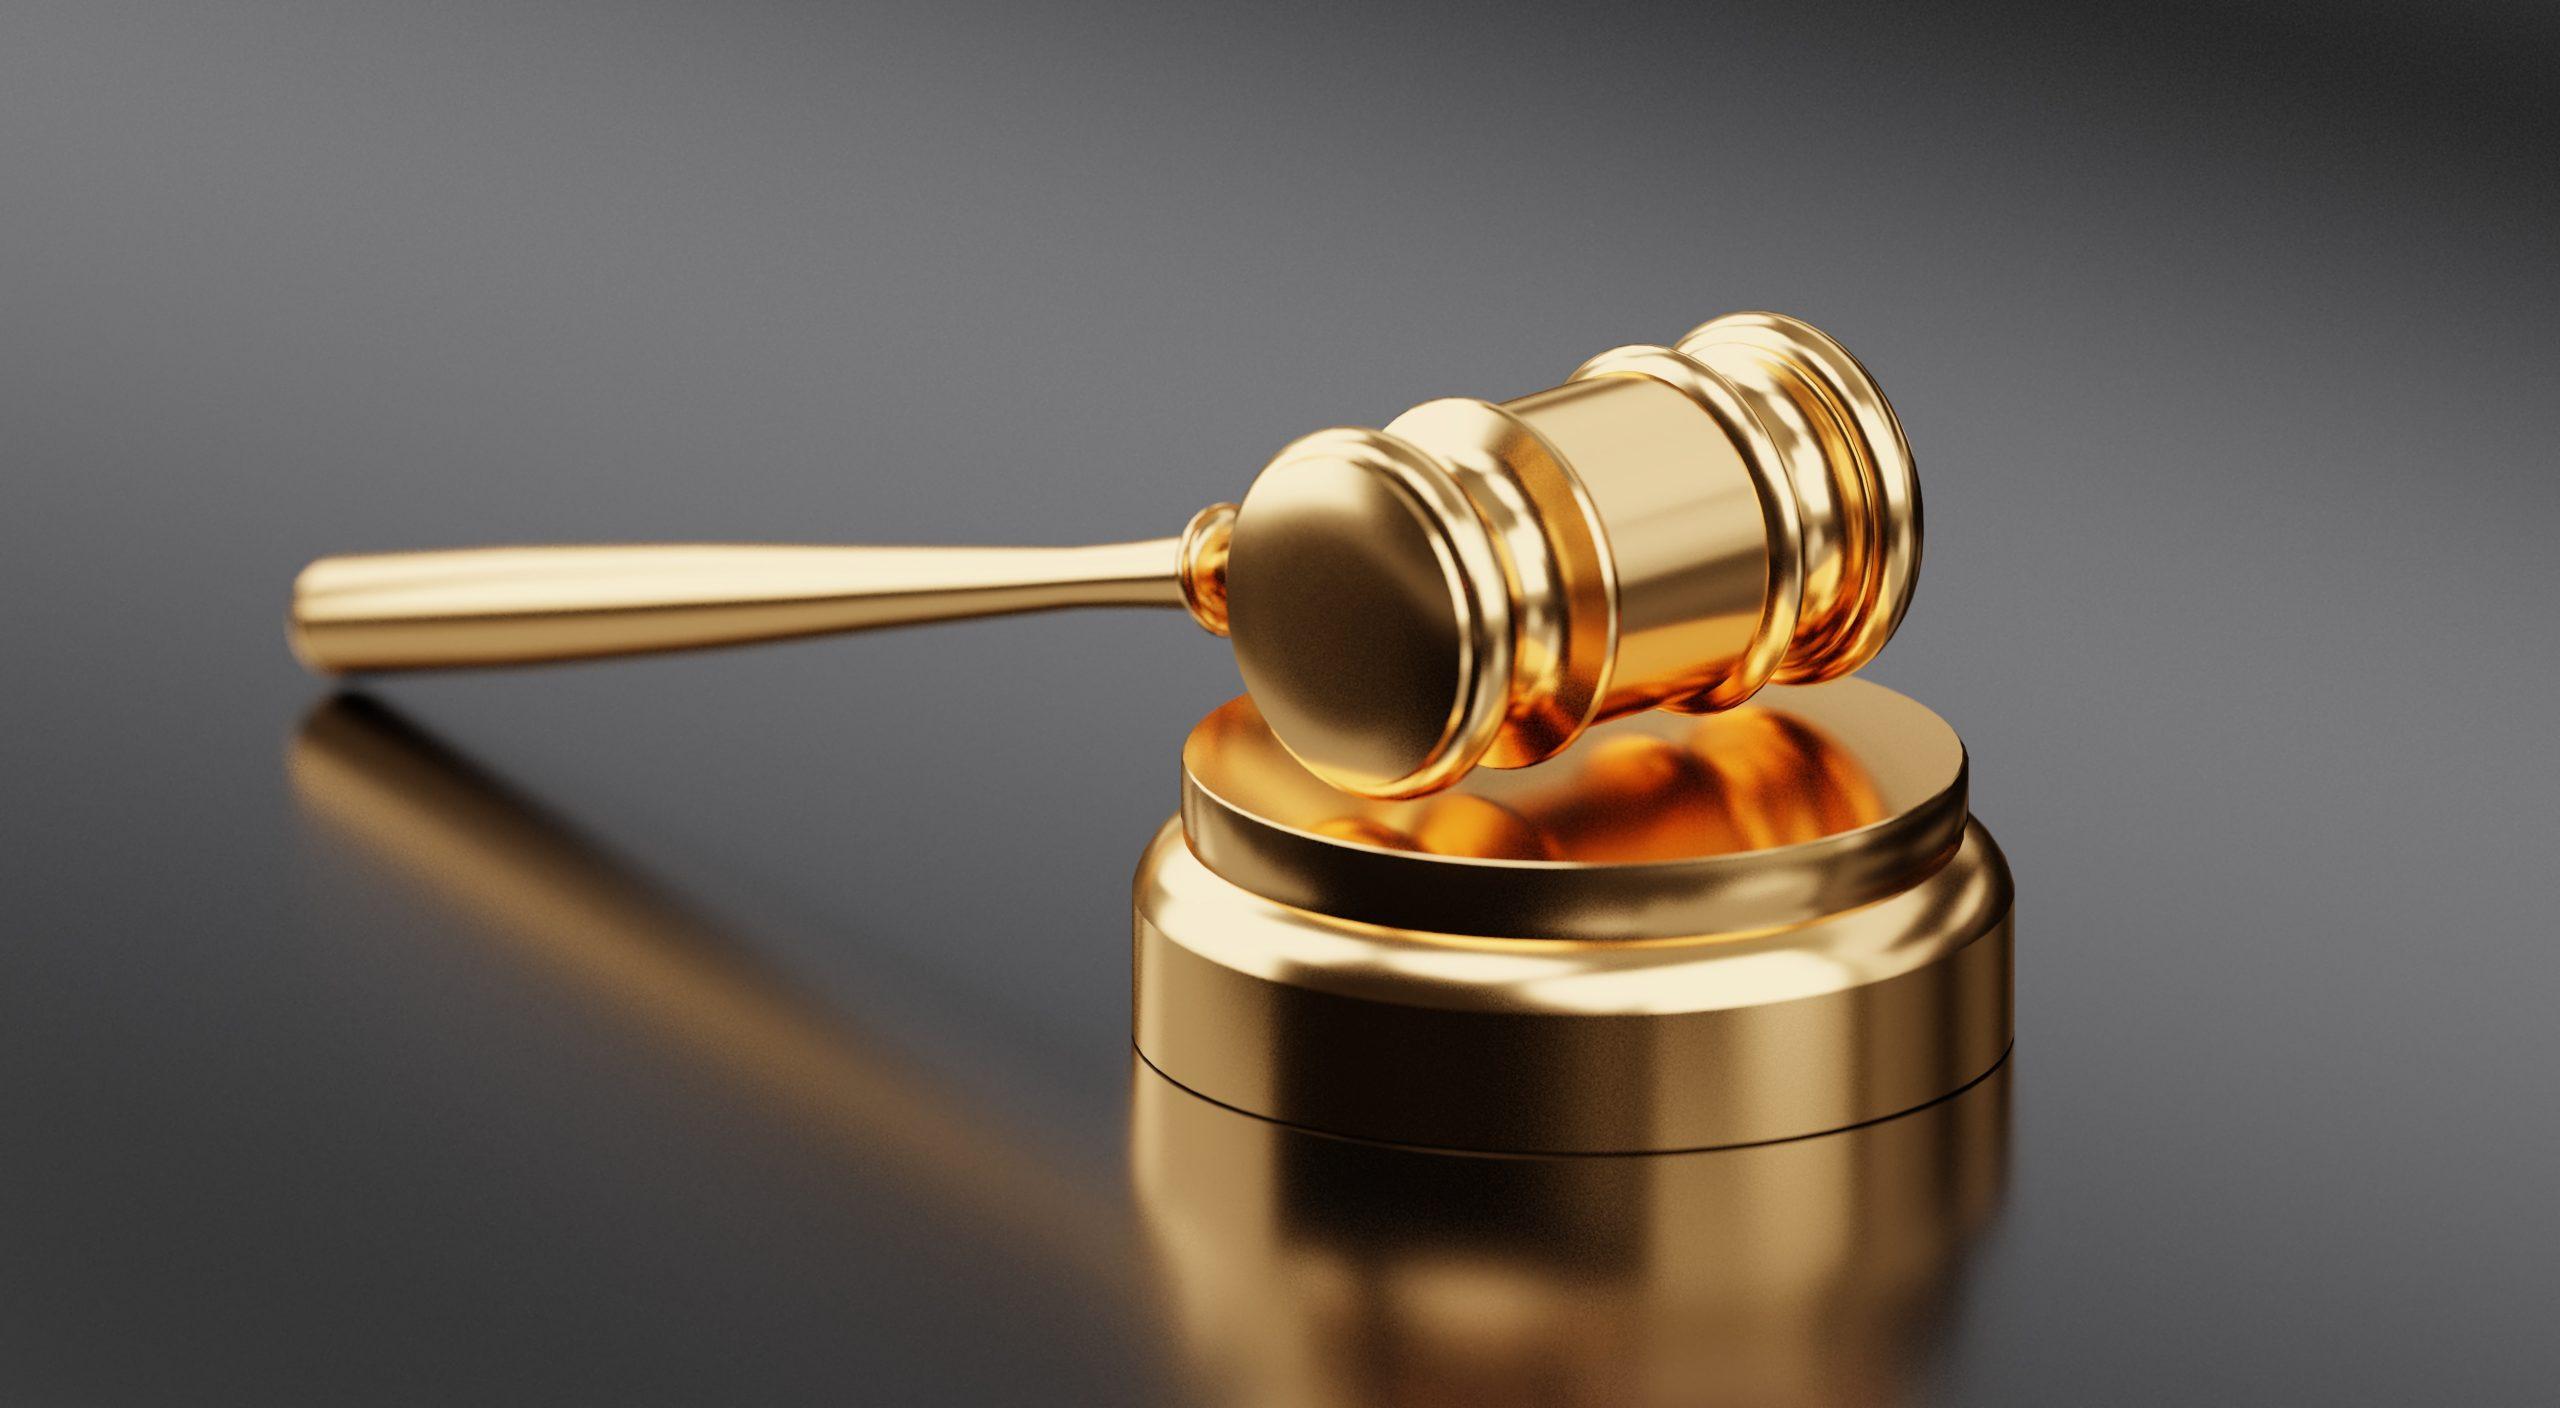 Avvocato specializzato patenti Milano